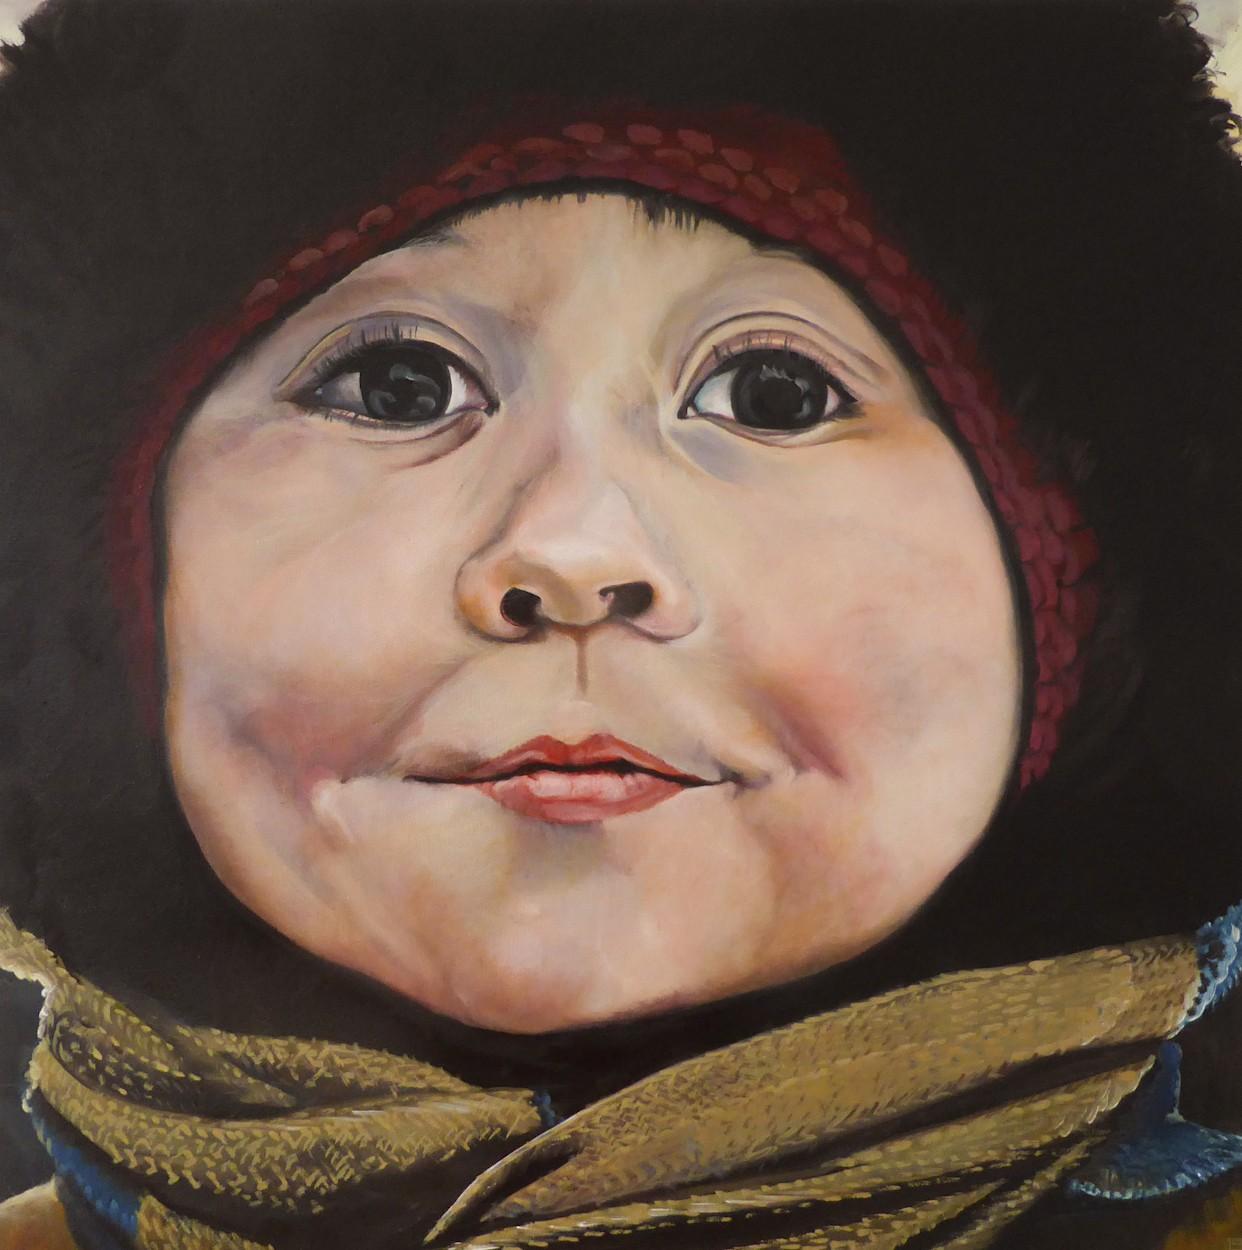 4 in Murmansk | Malerei von Eva Nordal | Öl auf Leinwand, realistisch